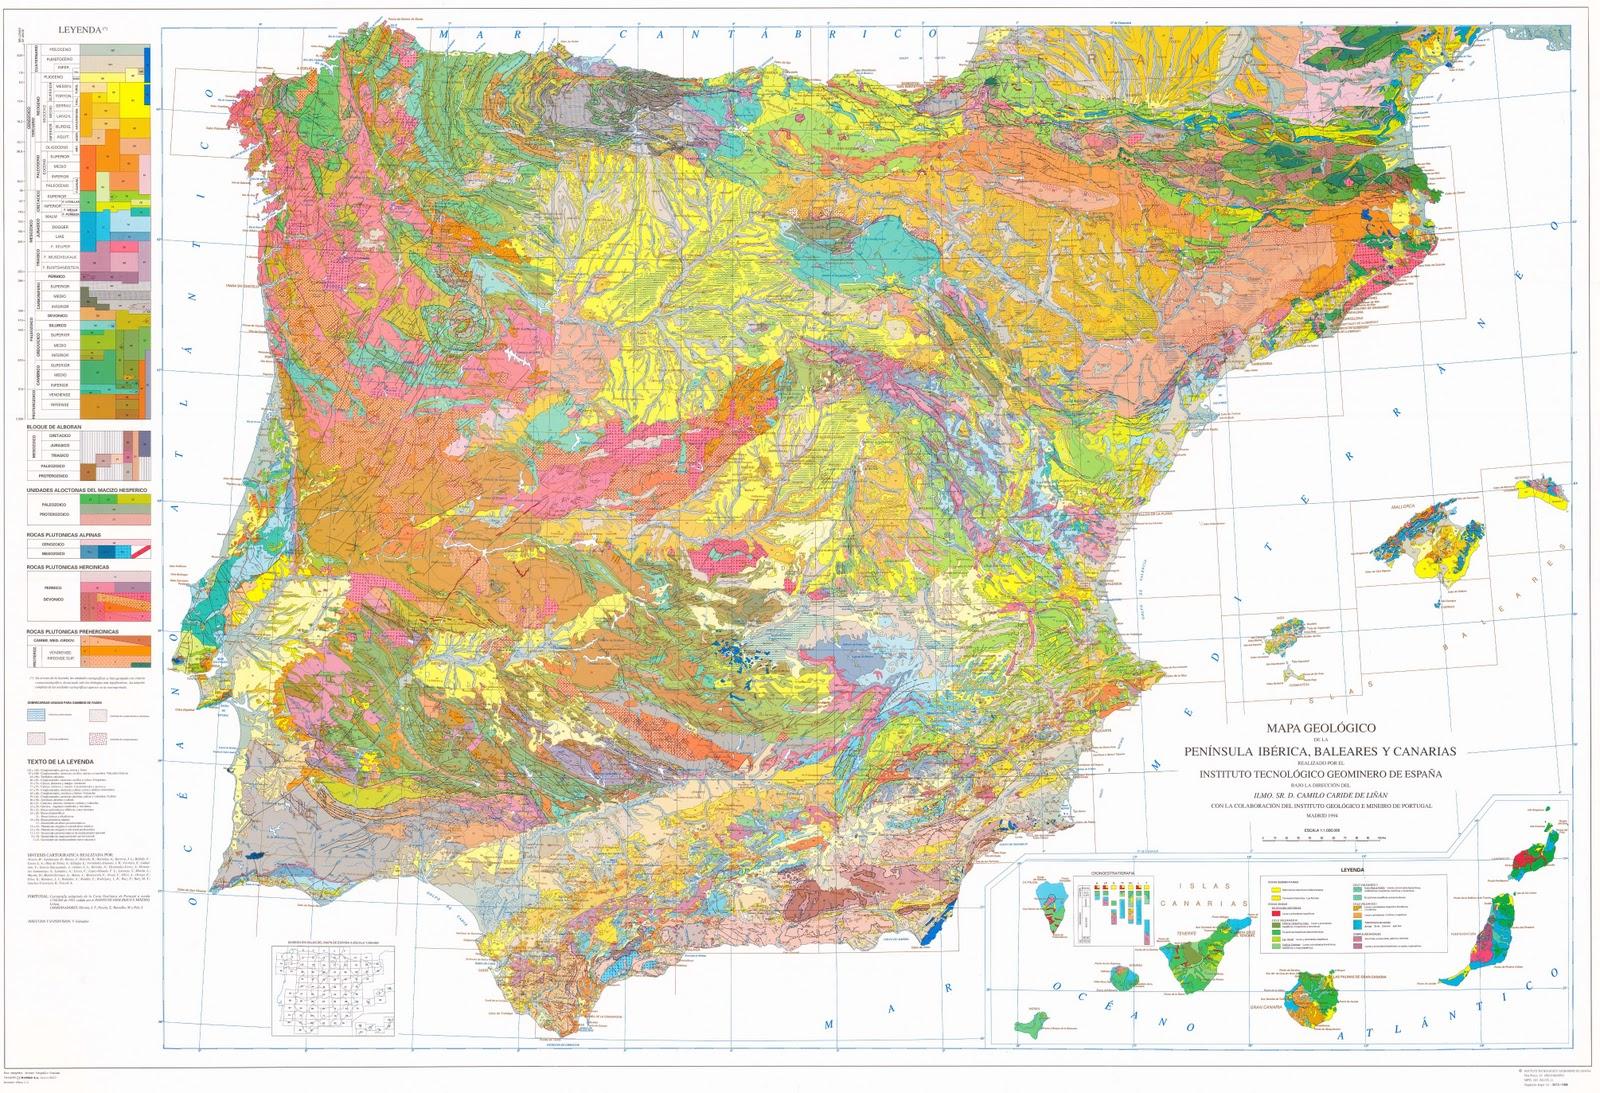 Landkartenblog geologische landkarte von spanien ud portugal - Mapamundi pizarra ...